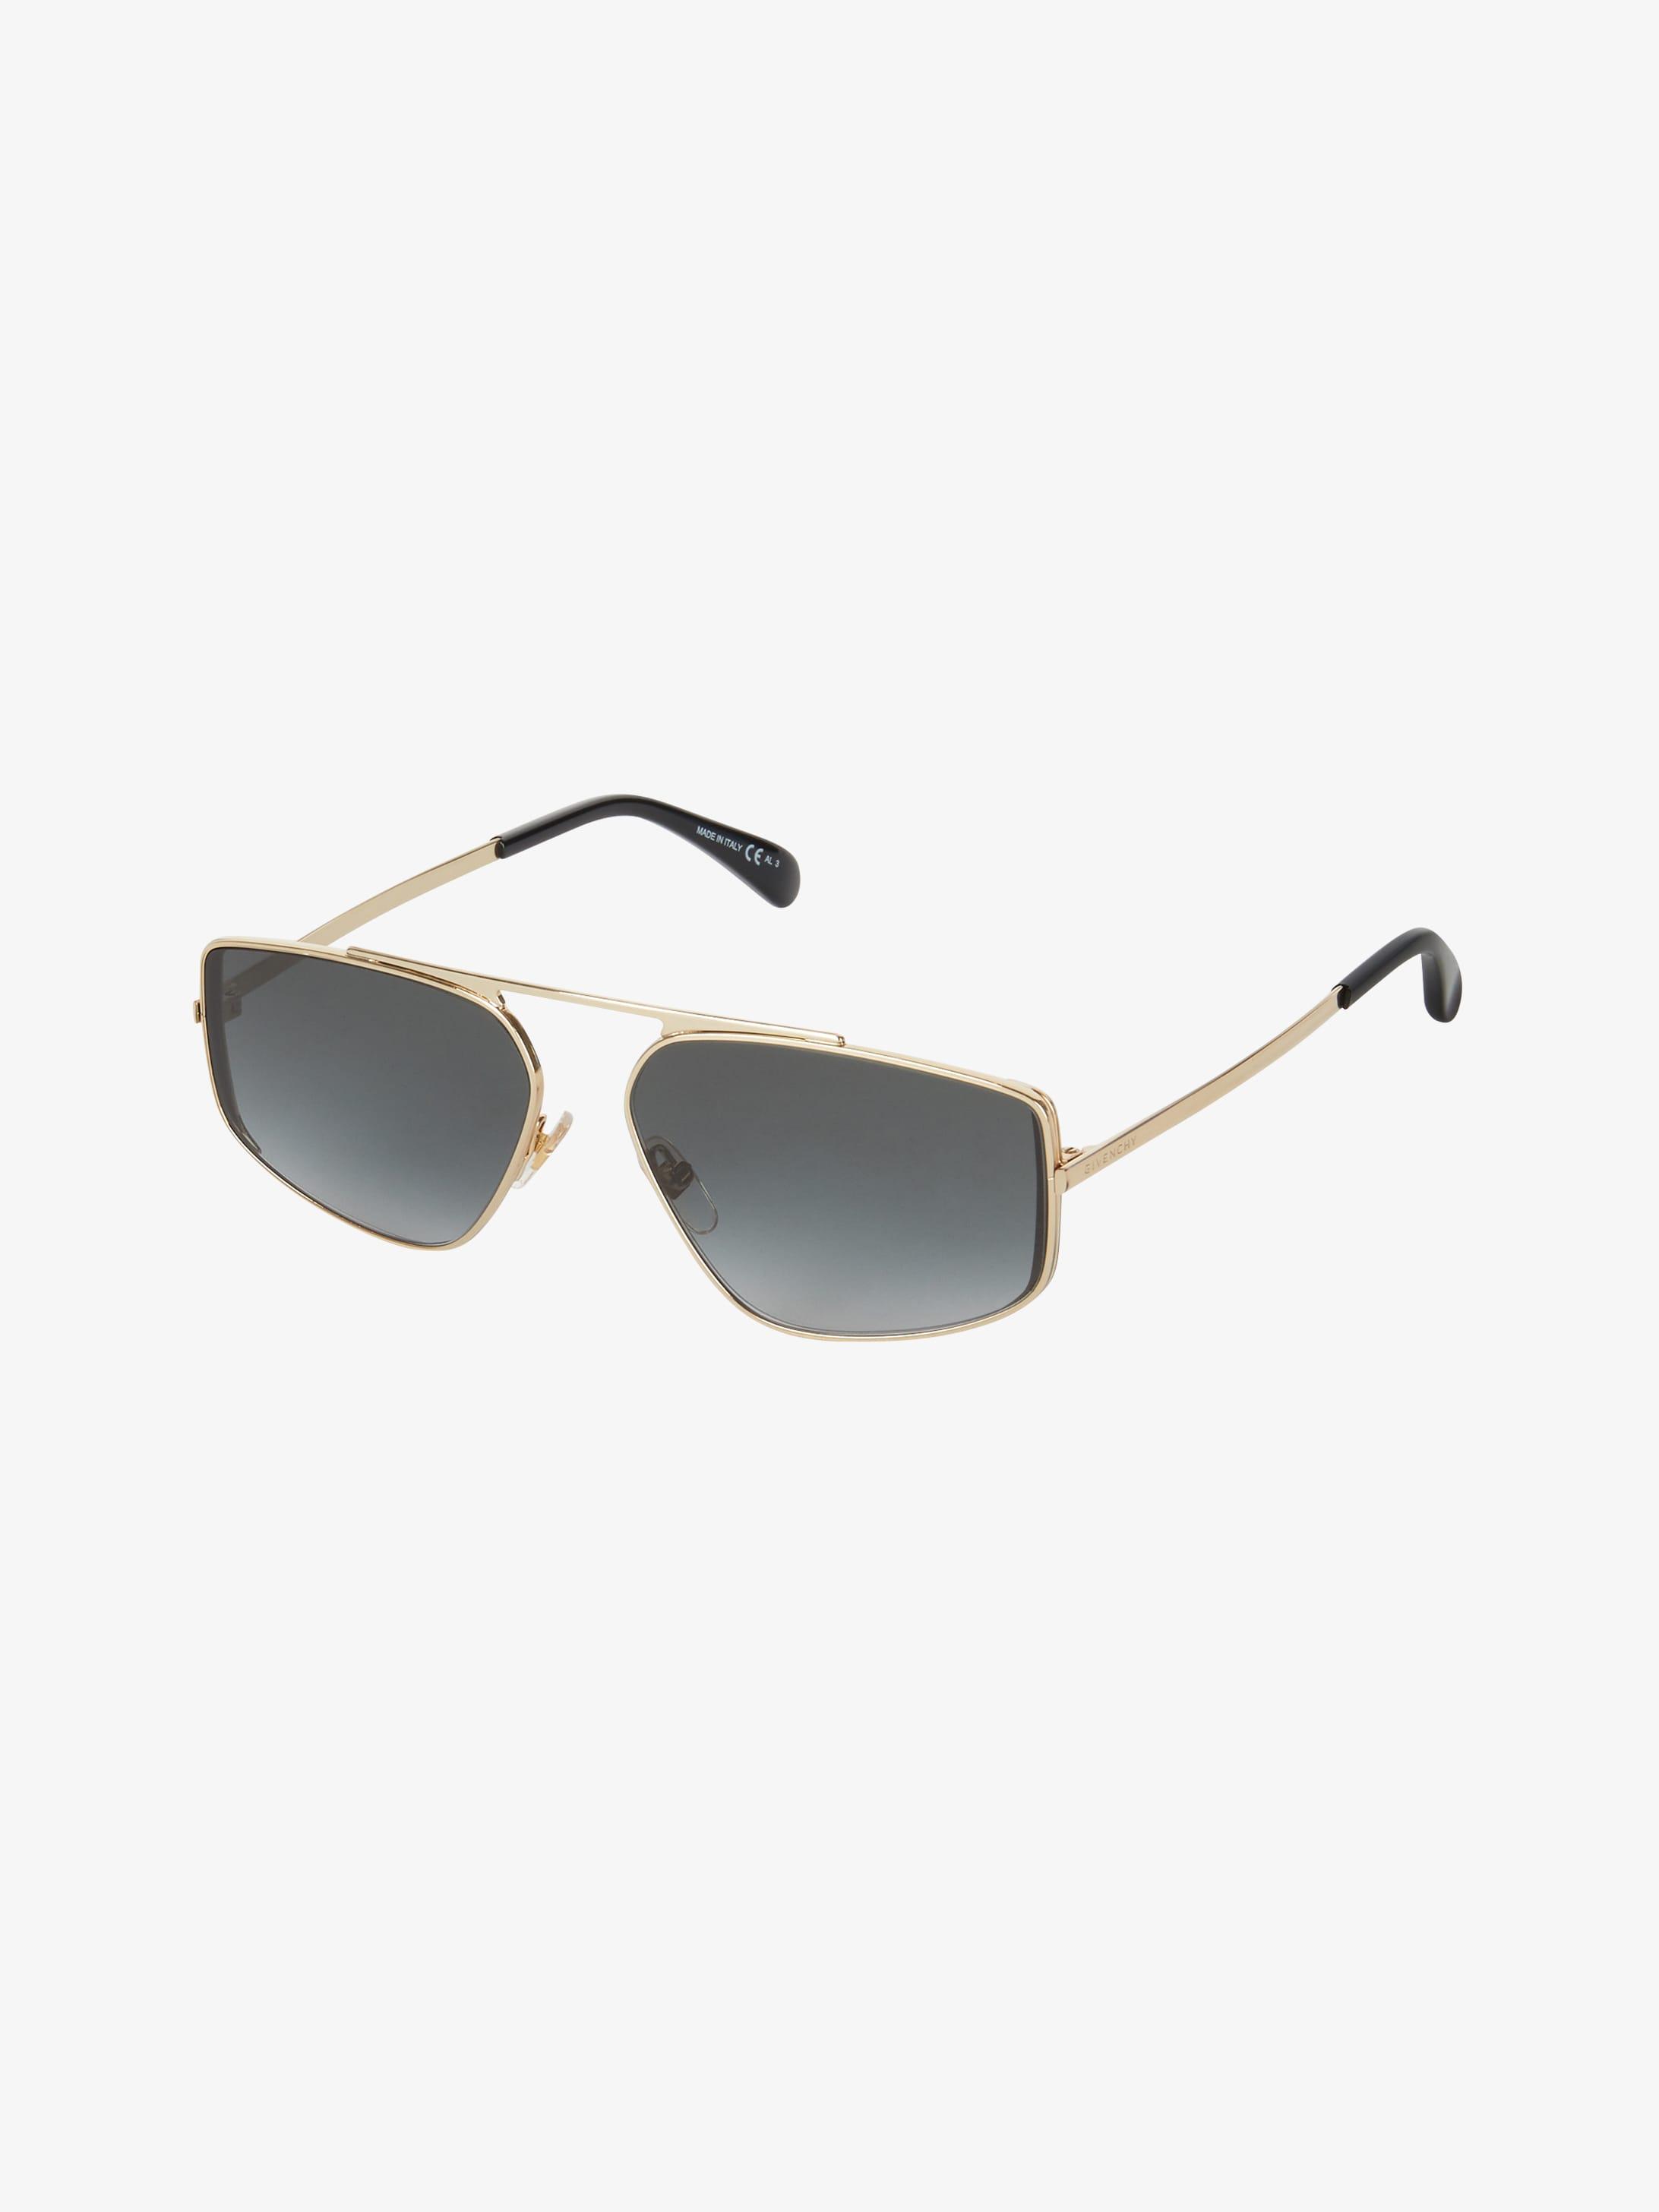 Unisex sunglasses in acetate and metal